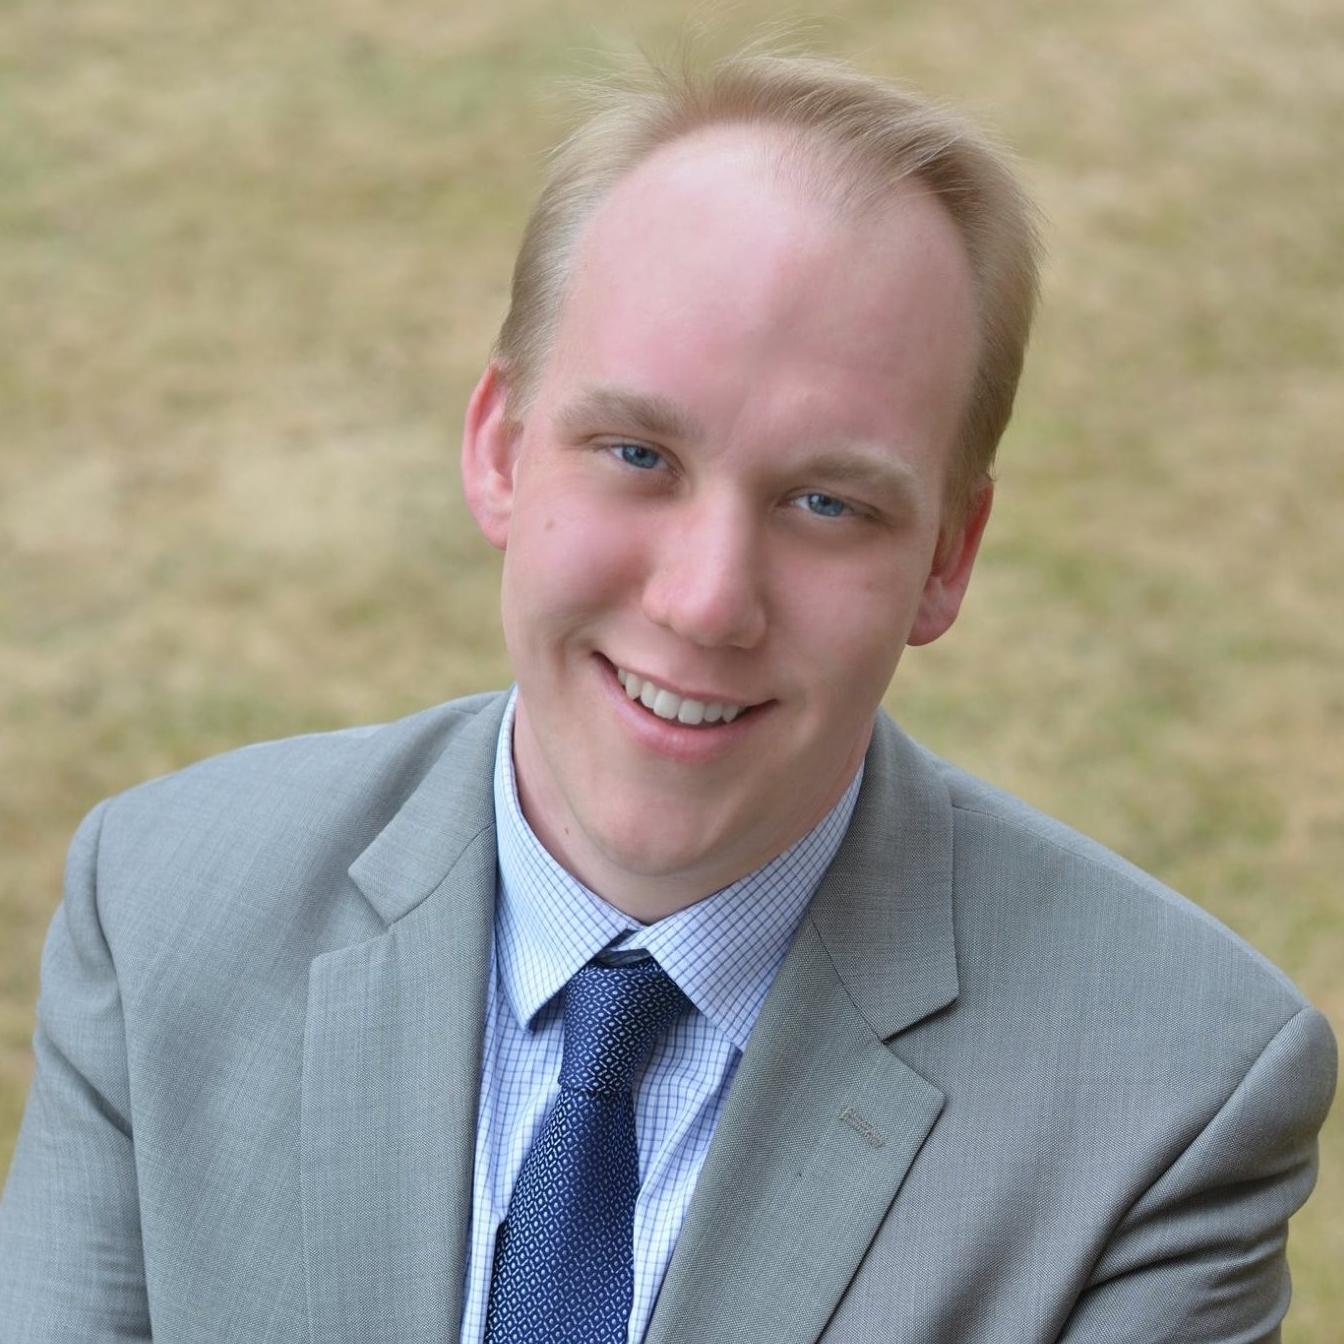 Sean McQuillan